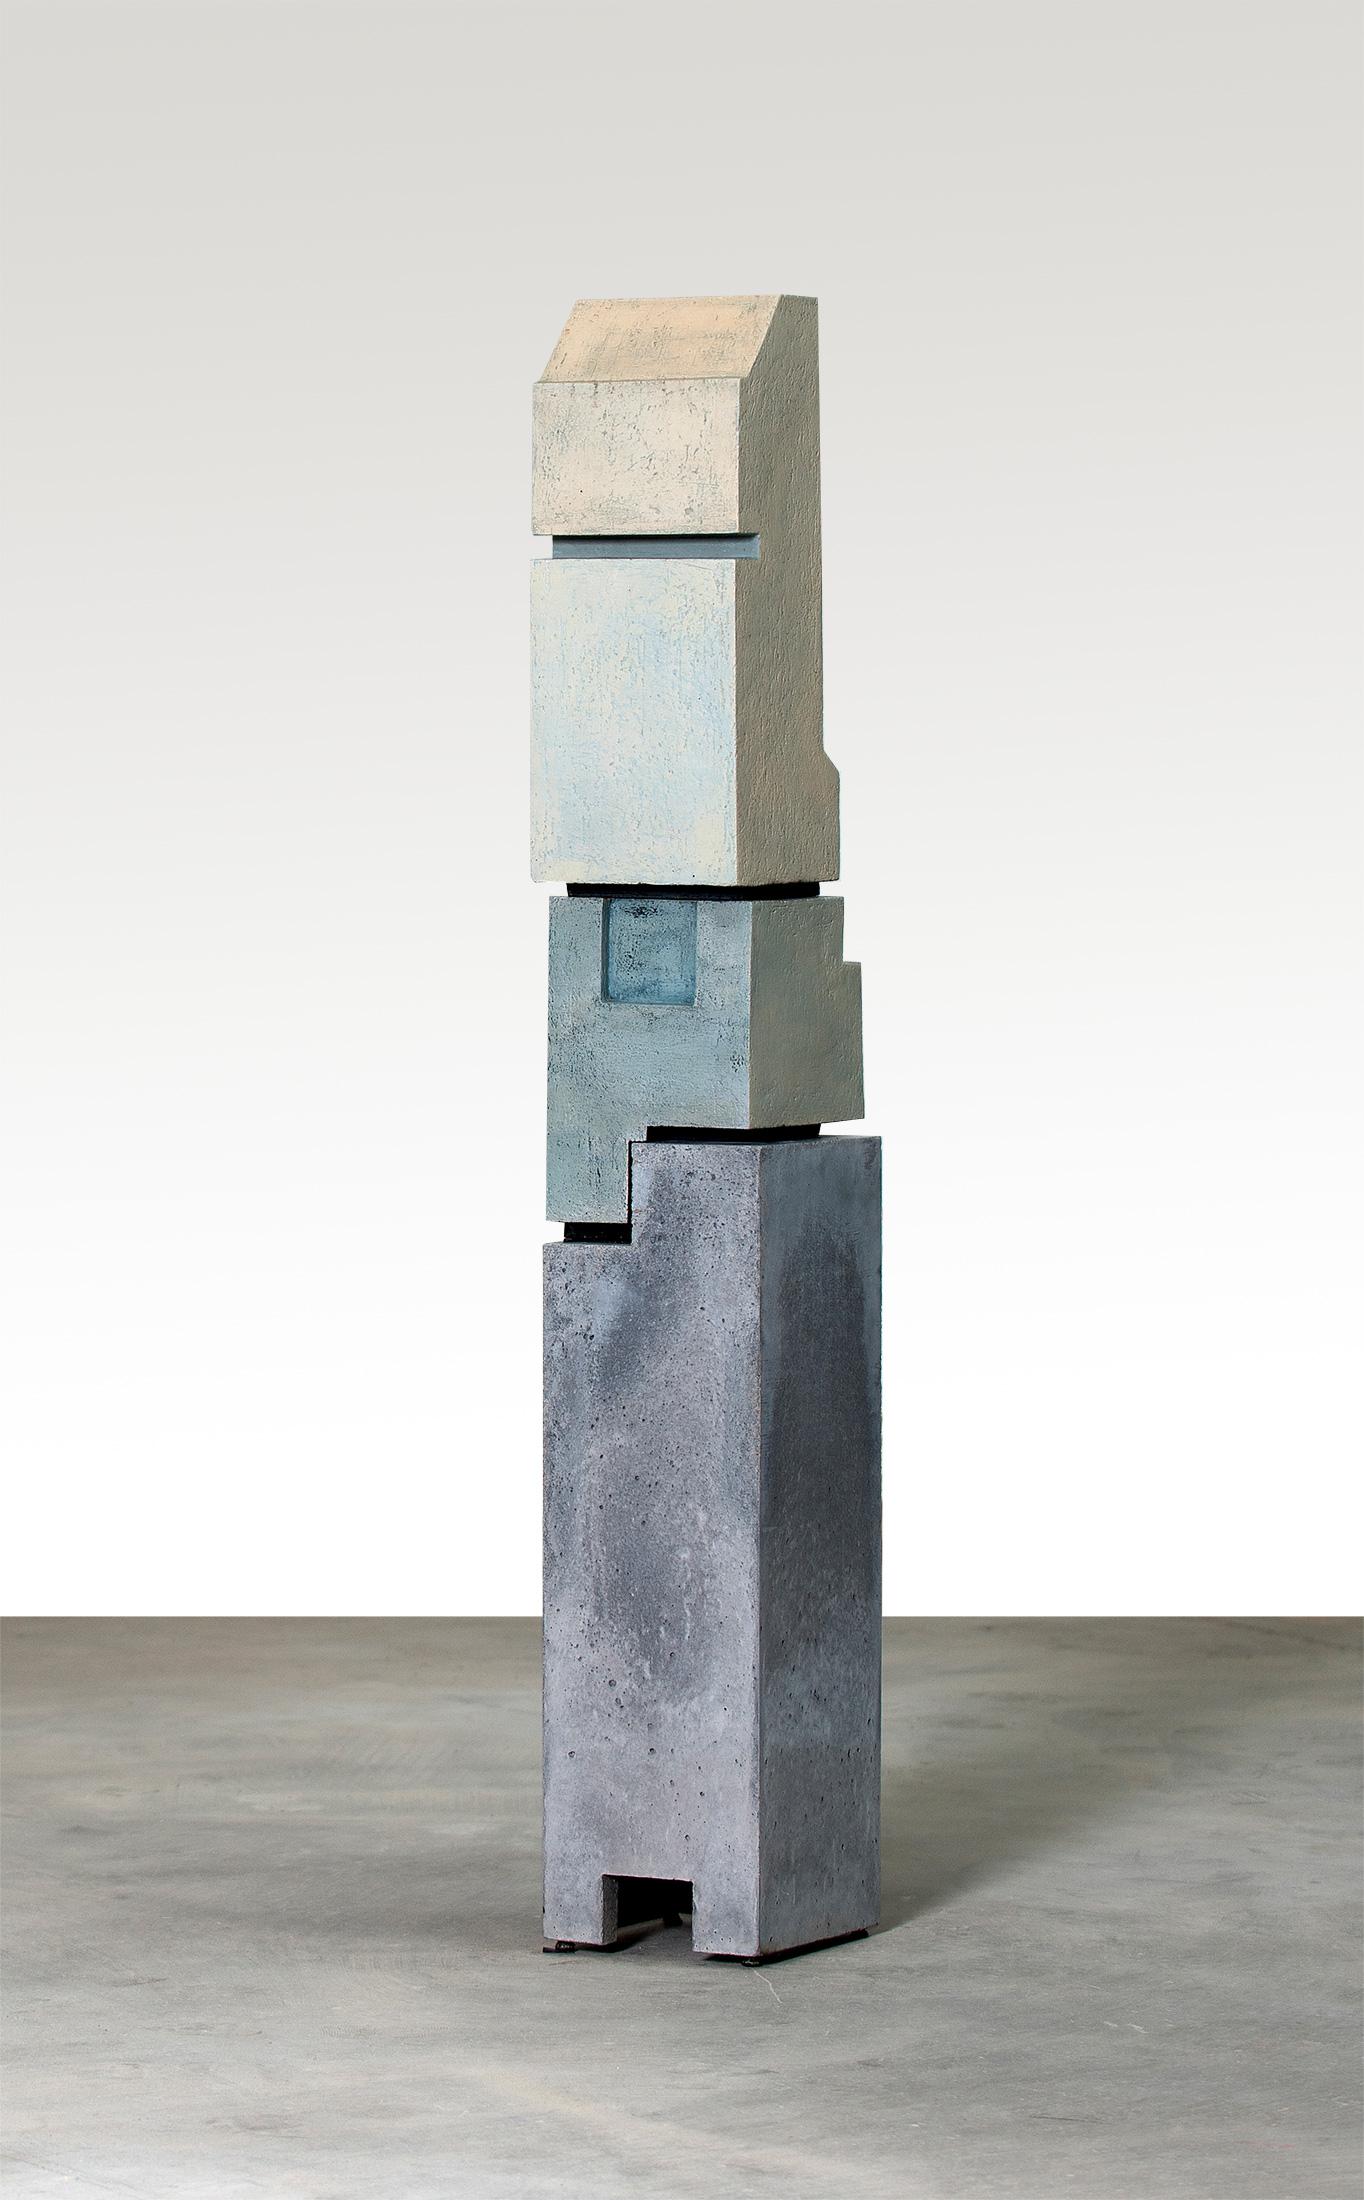 Silo 5 | 2013 | Steinzeug, Beton | 57 x 18 x 16 cm